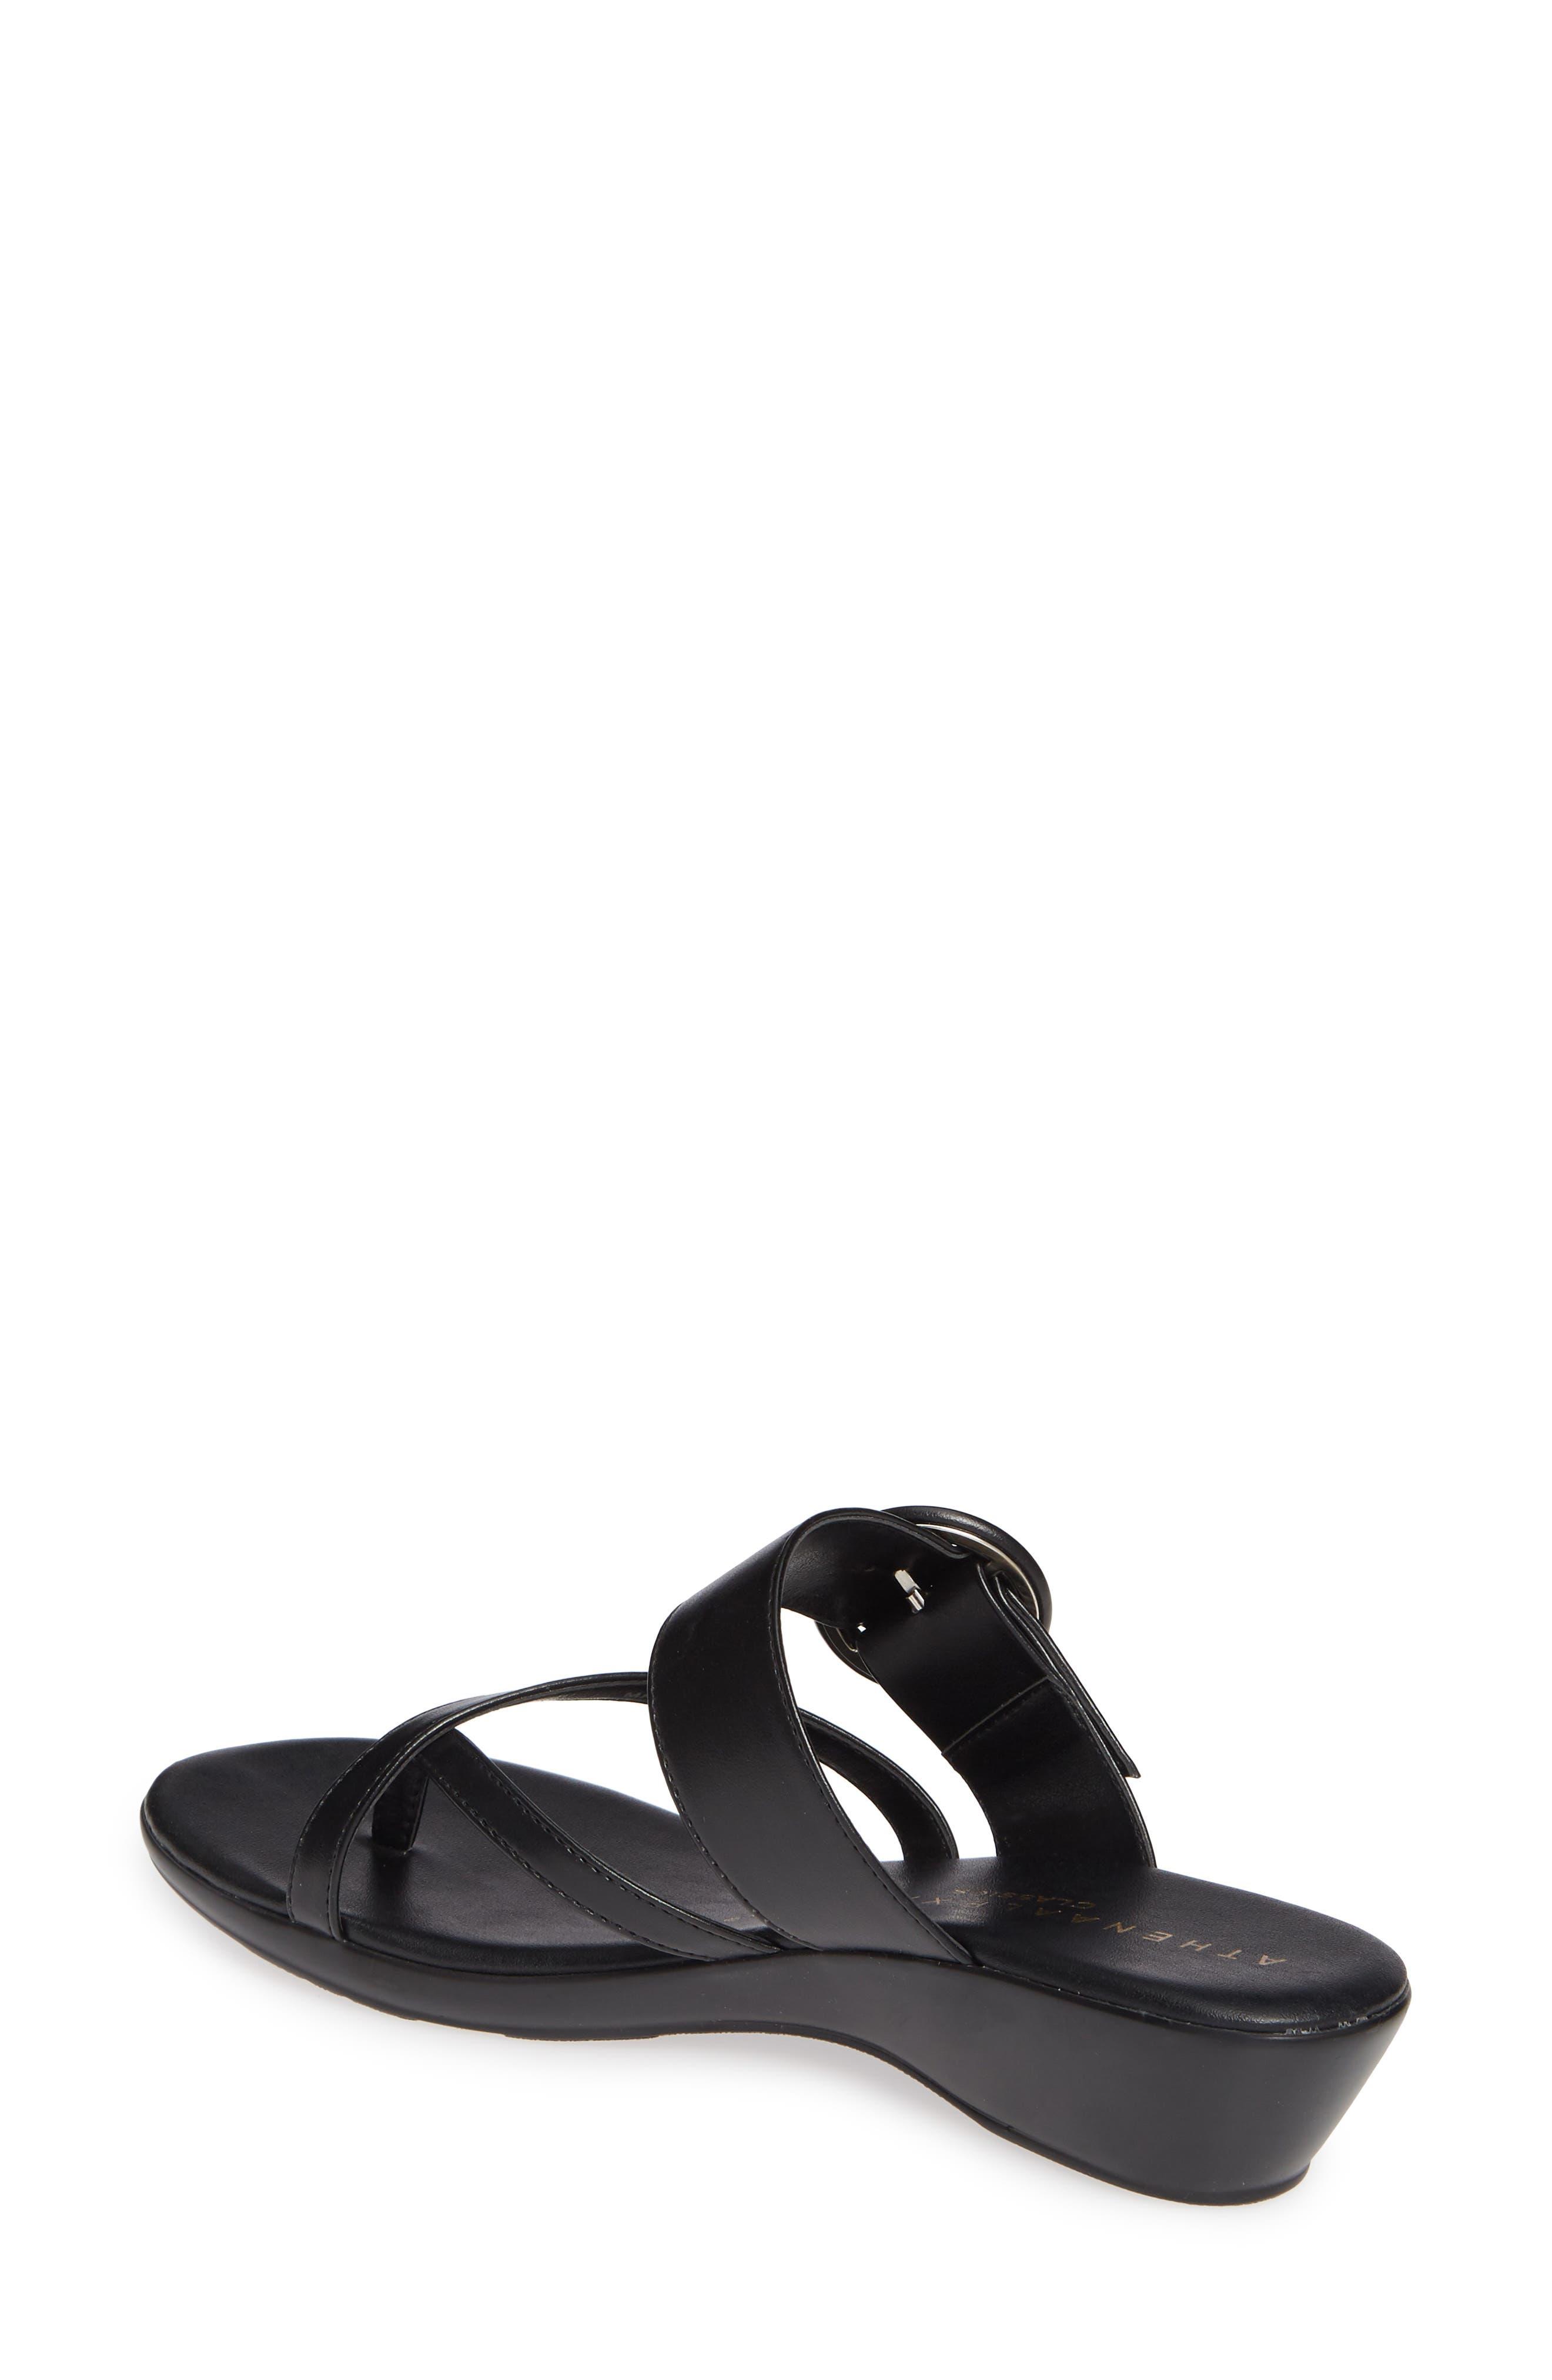 95ec5dbab753e Athena Alexander Shoes